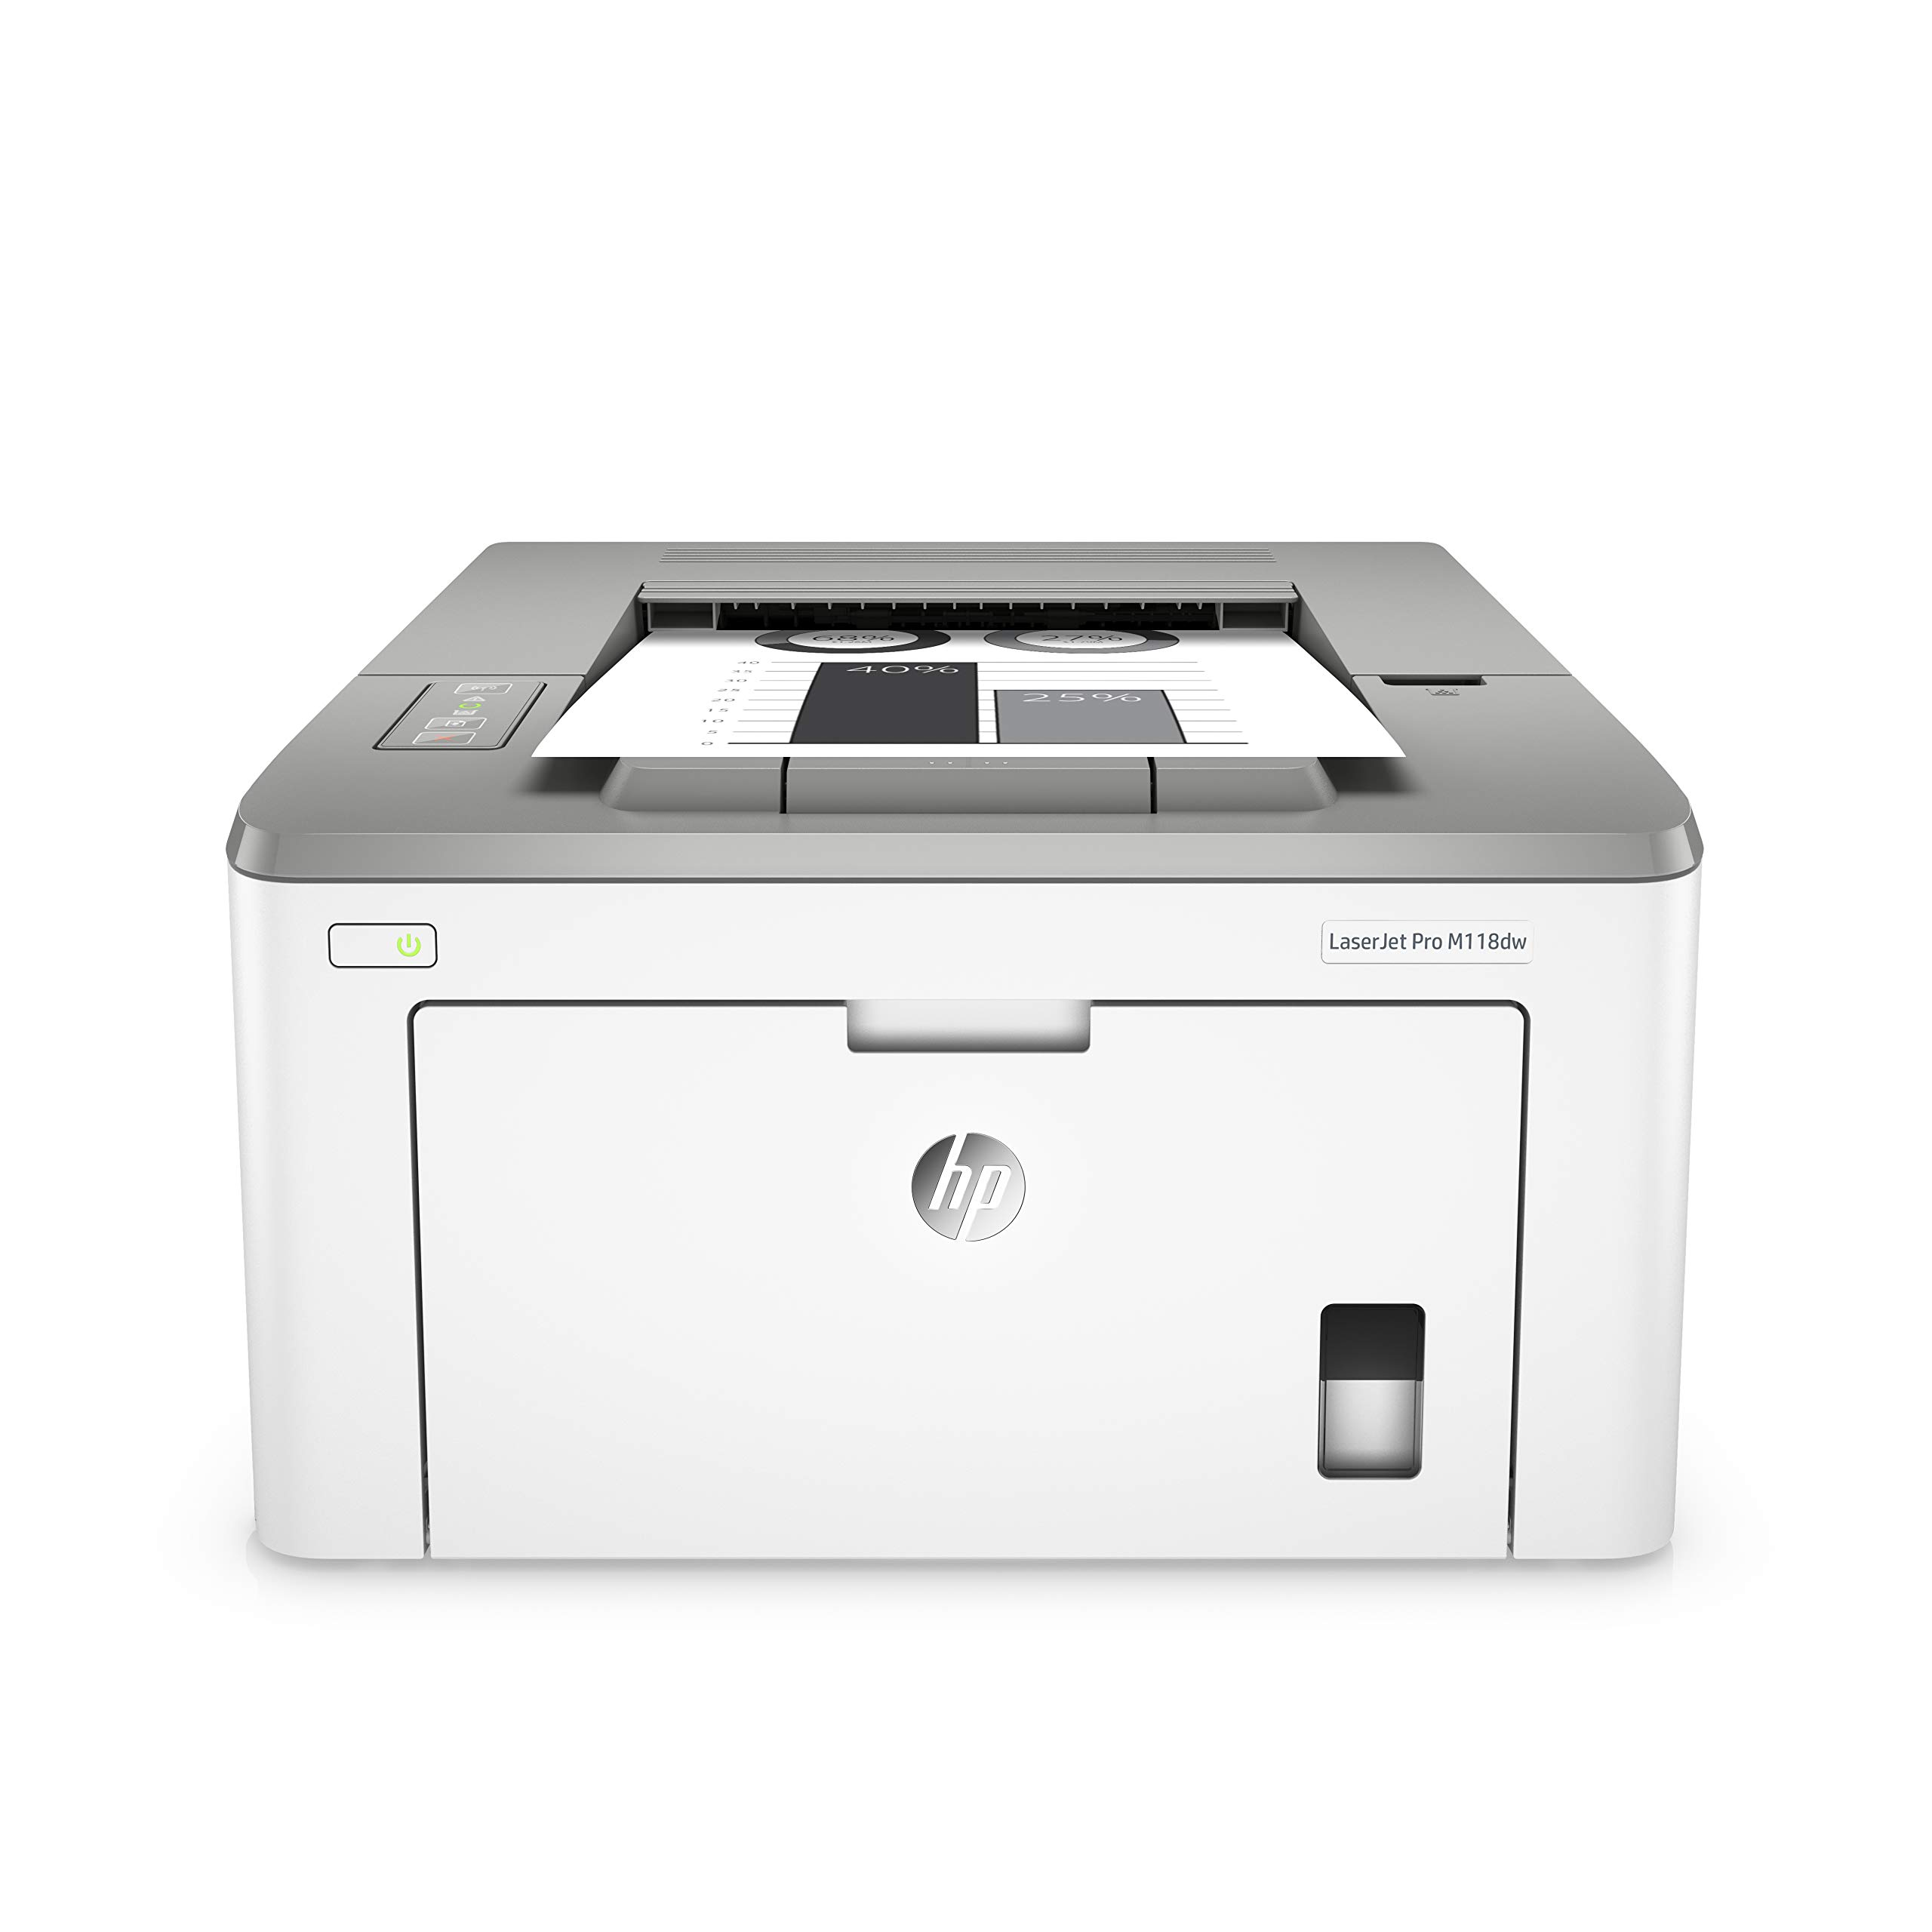 HP LaserJet Pro M118dw (4PA39A0) A4 Wireless Mono Laser Printer with Wi-Fi® Direct Printing - White